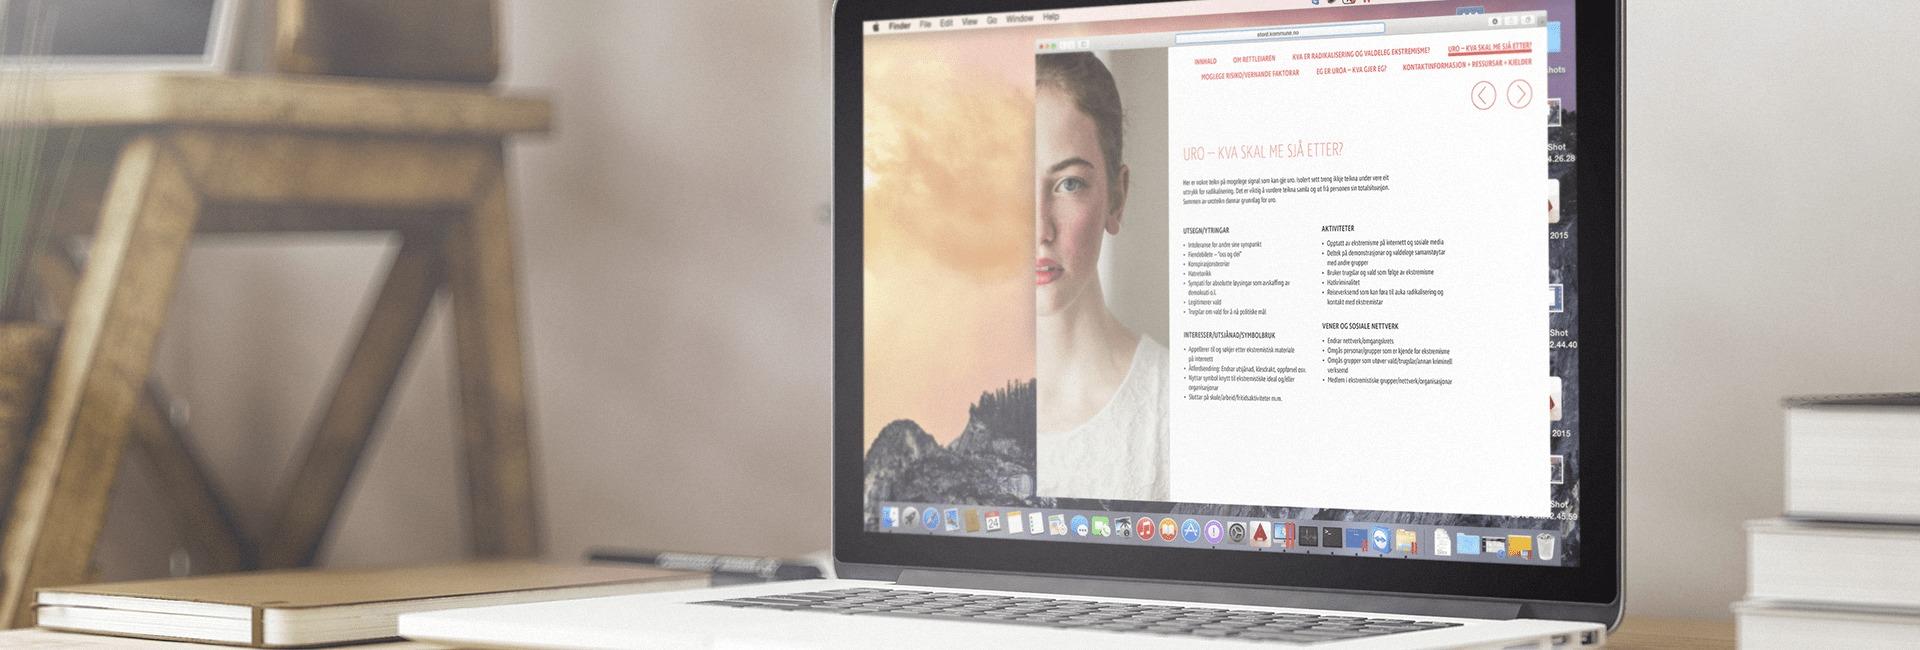 Den digitale versjonen av dokumentet vist åp en skjerm